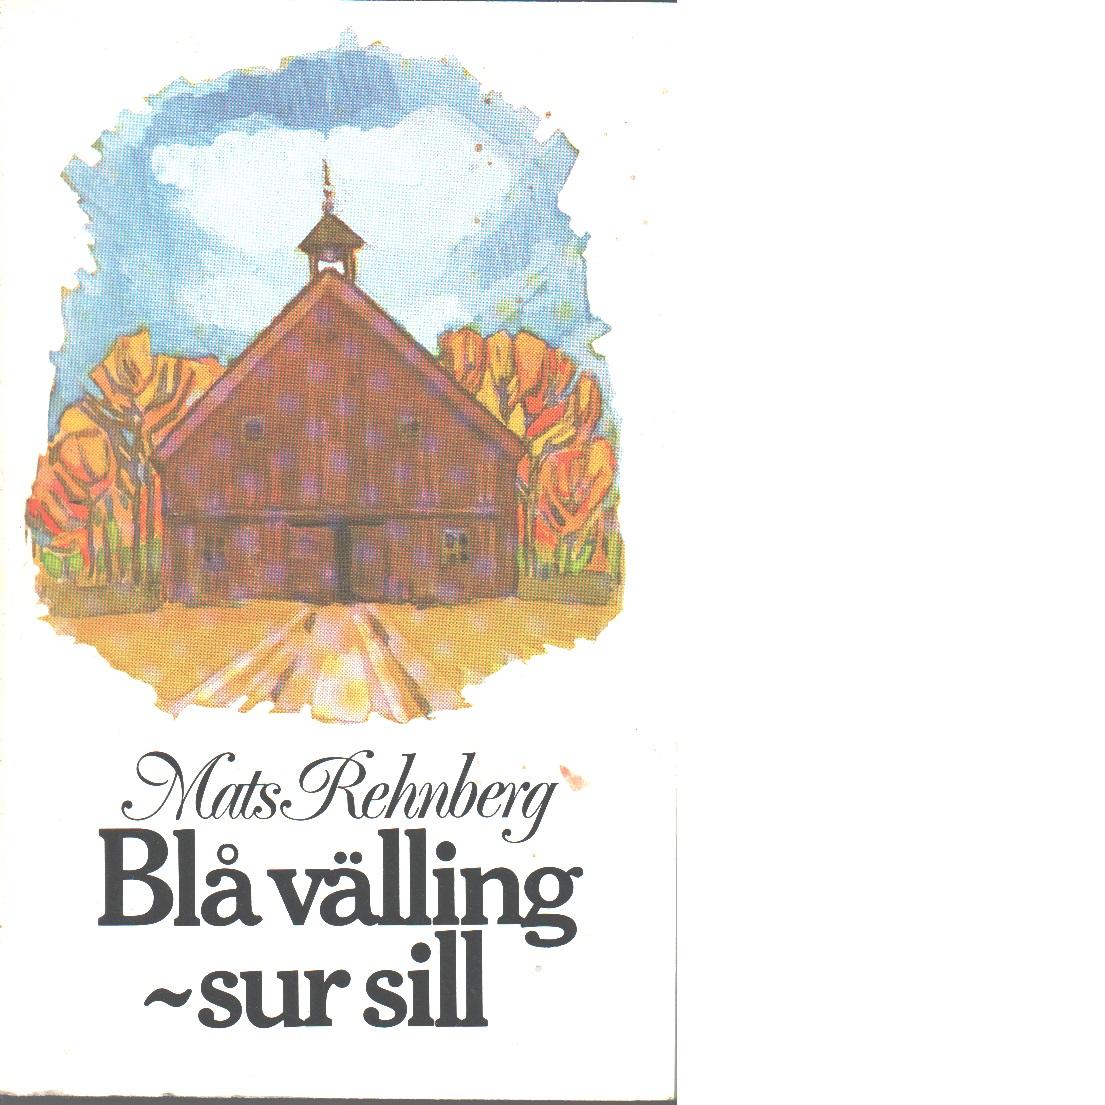 Blå välling - sur sill - Rehnberg, Mats